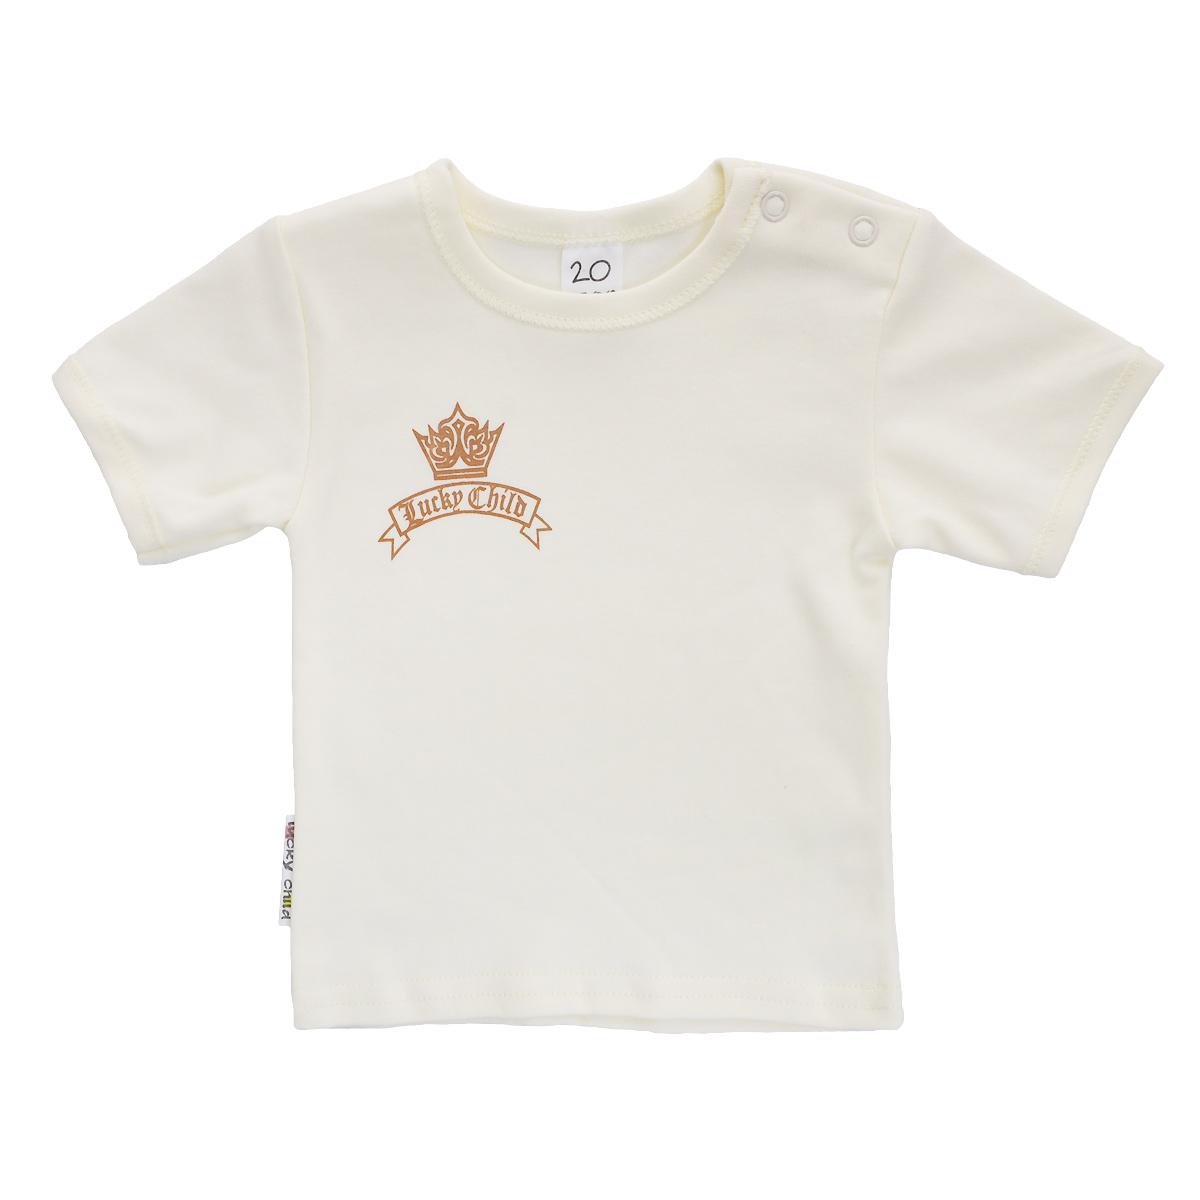 Футболка для мальчика Lucky Child, цвет: экрю. 6-26МК. Размер 92/98 футболка для мальчика lucky child цвет экрю 6 26мк размер 62 68 2 3 месяца